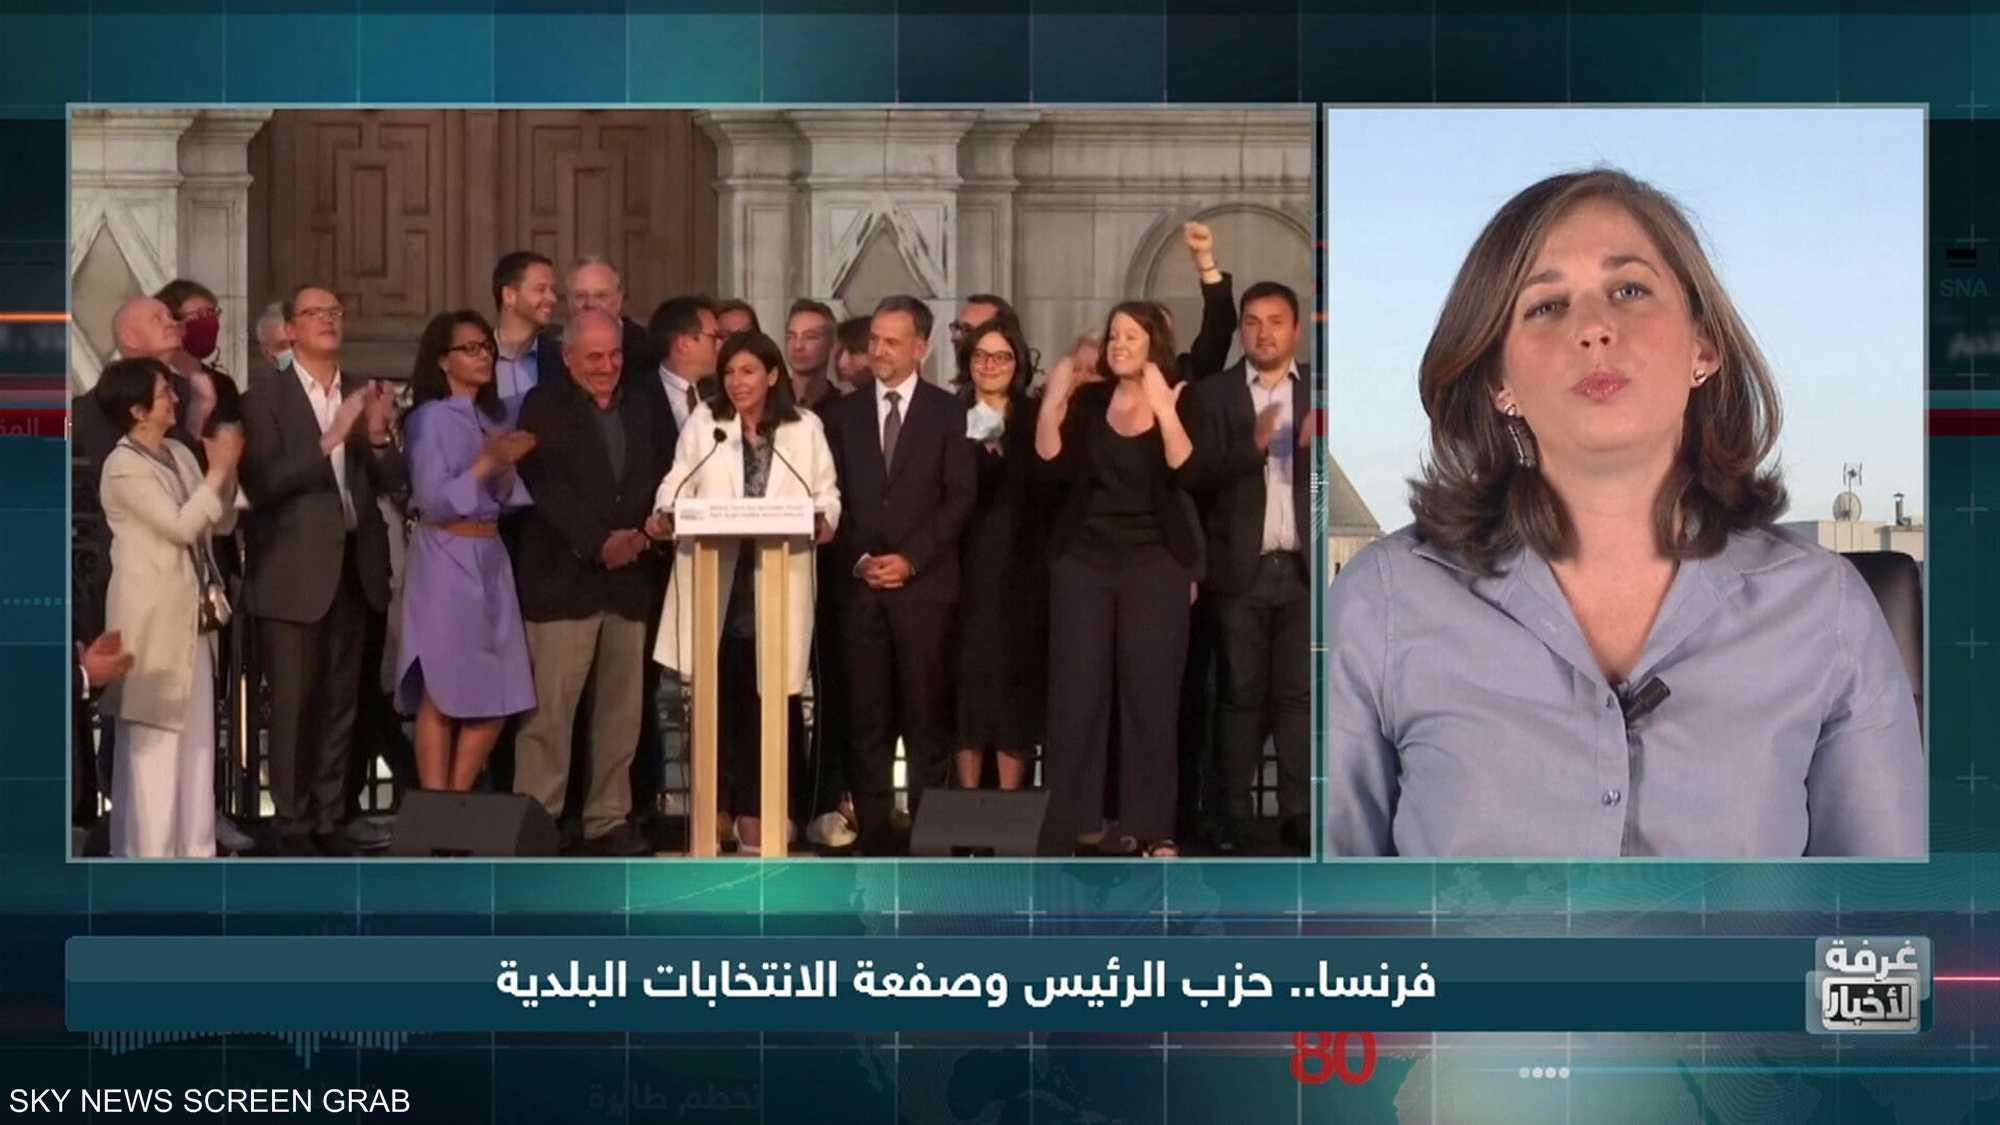 فرنسا.. حزب الرئيس وصفعة الانتخابات البلدية